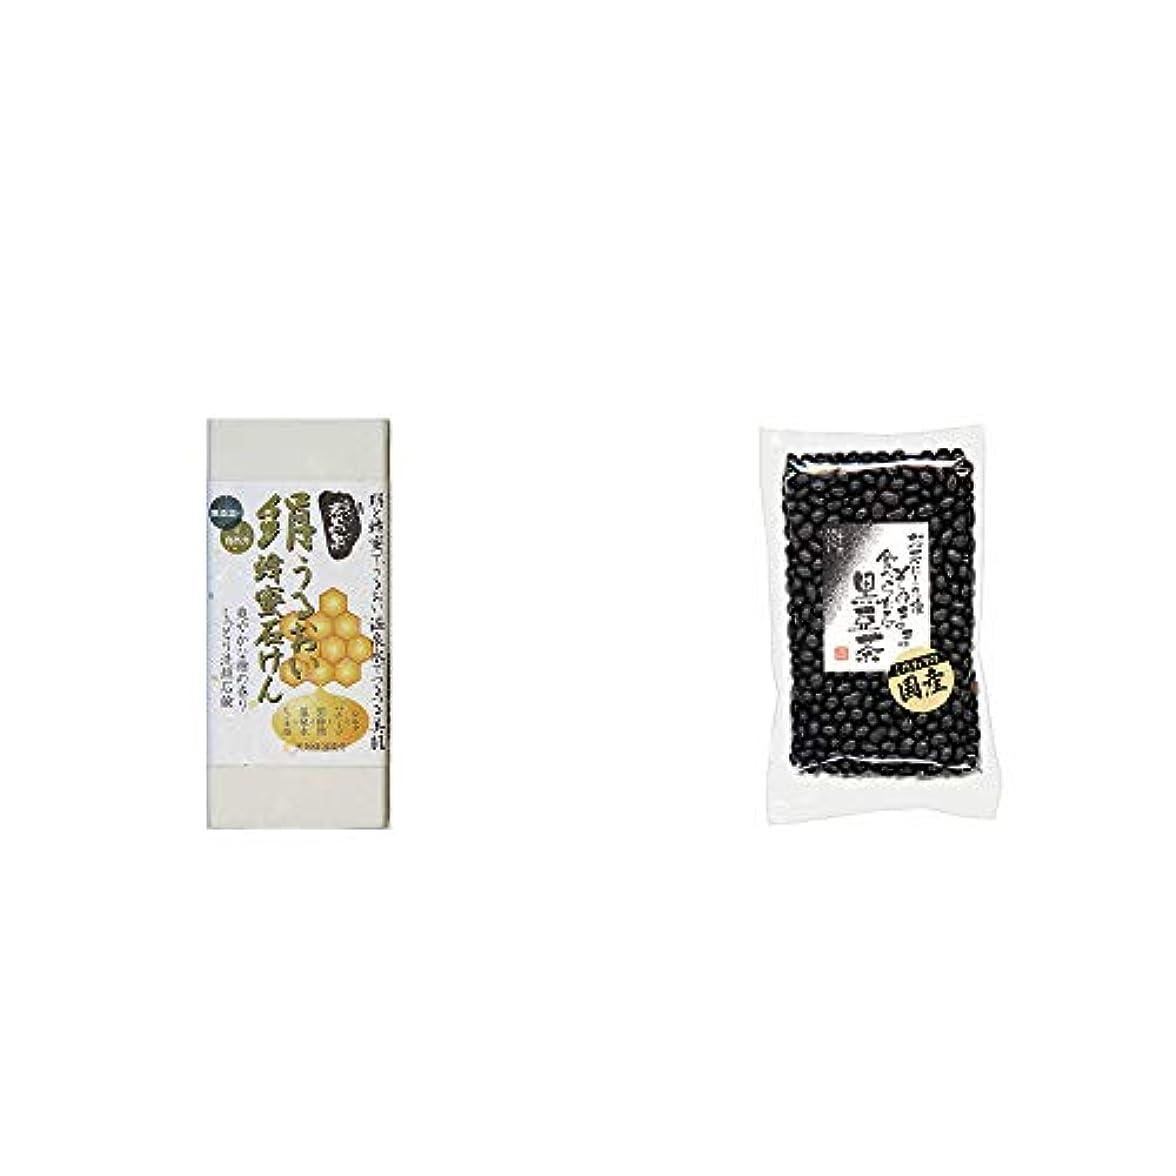 円形の不要シリング[2点セット] ひのき炭黒泉 絹うるおい蜂蜜石けん(75g×2)?国産 黒豆茶(200g)